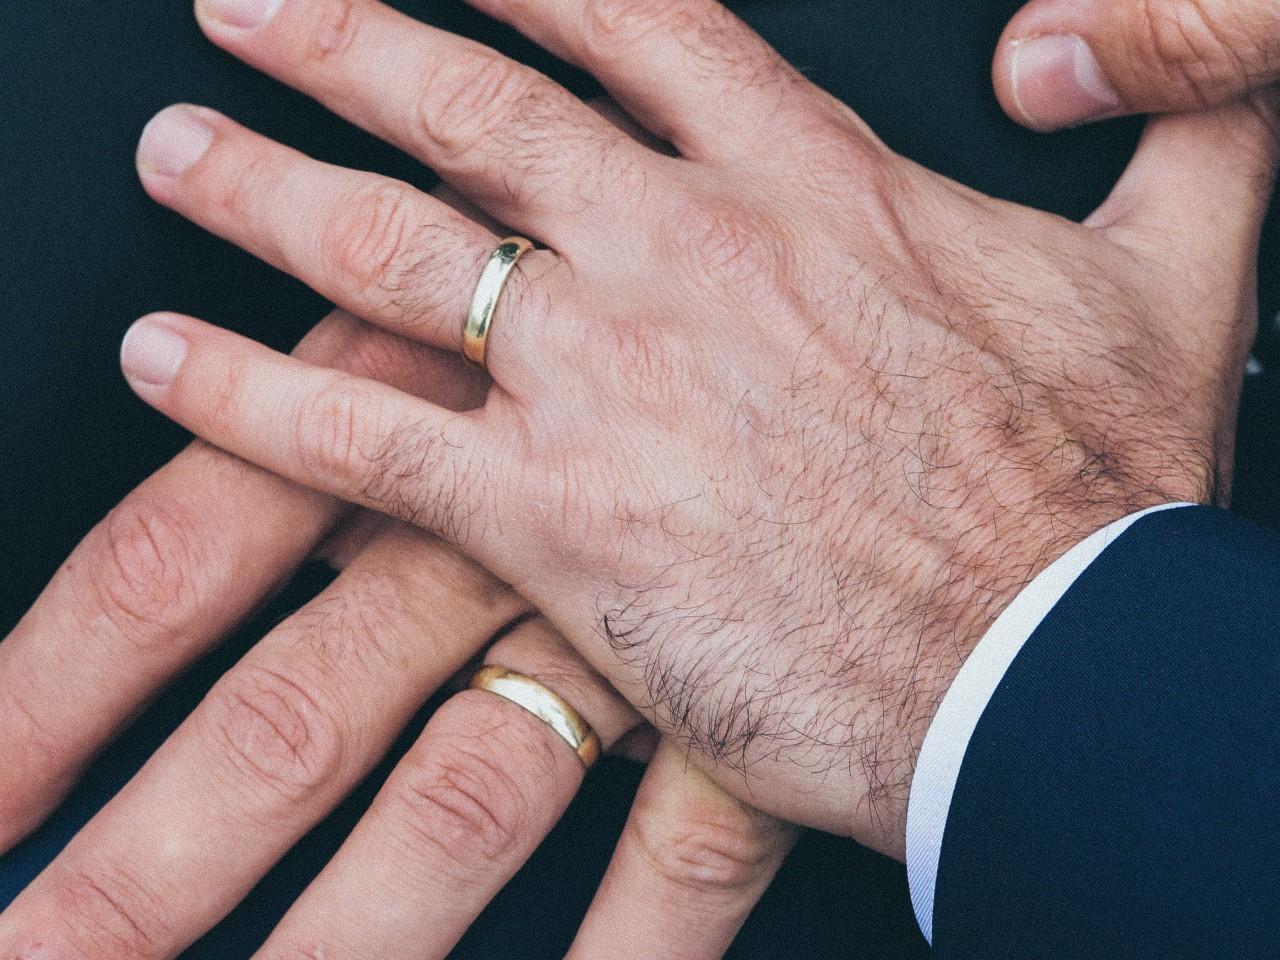 Parejas del mismo sexo, matrimonio